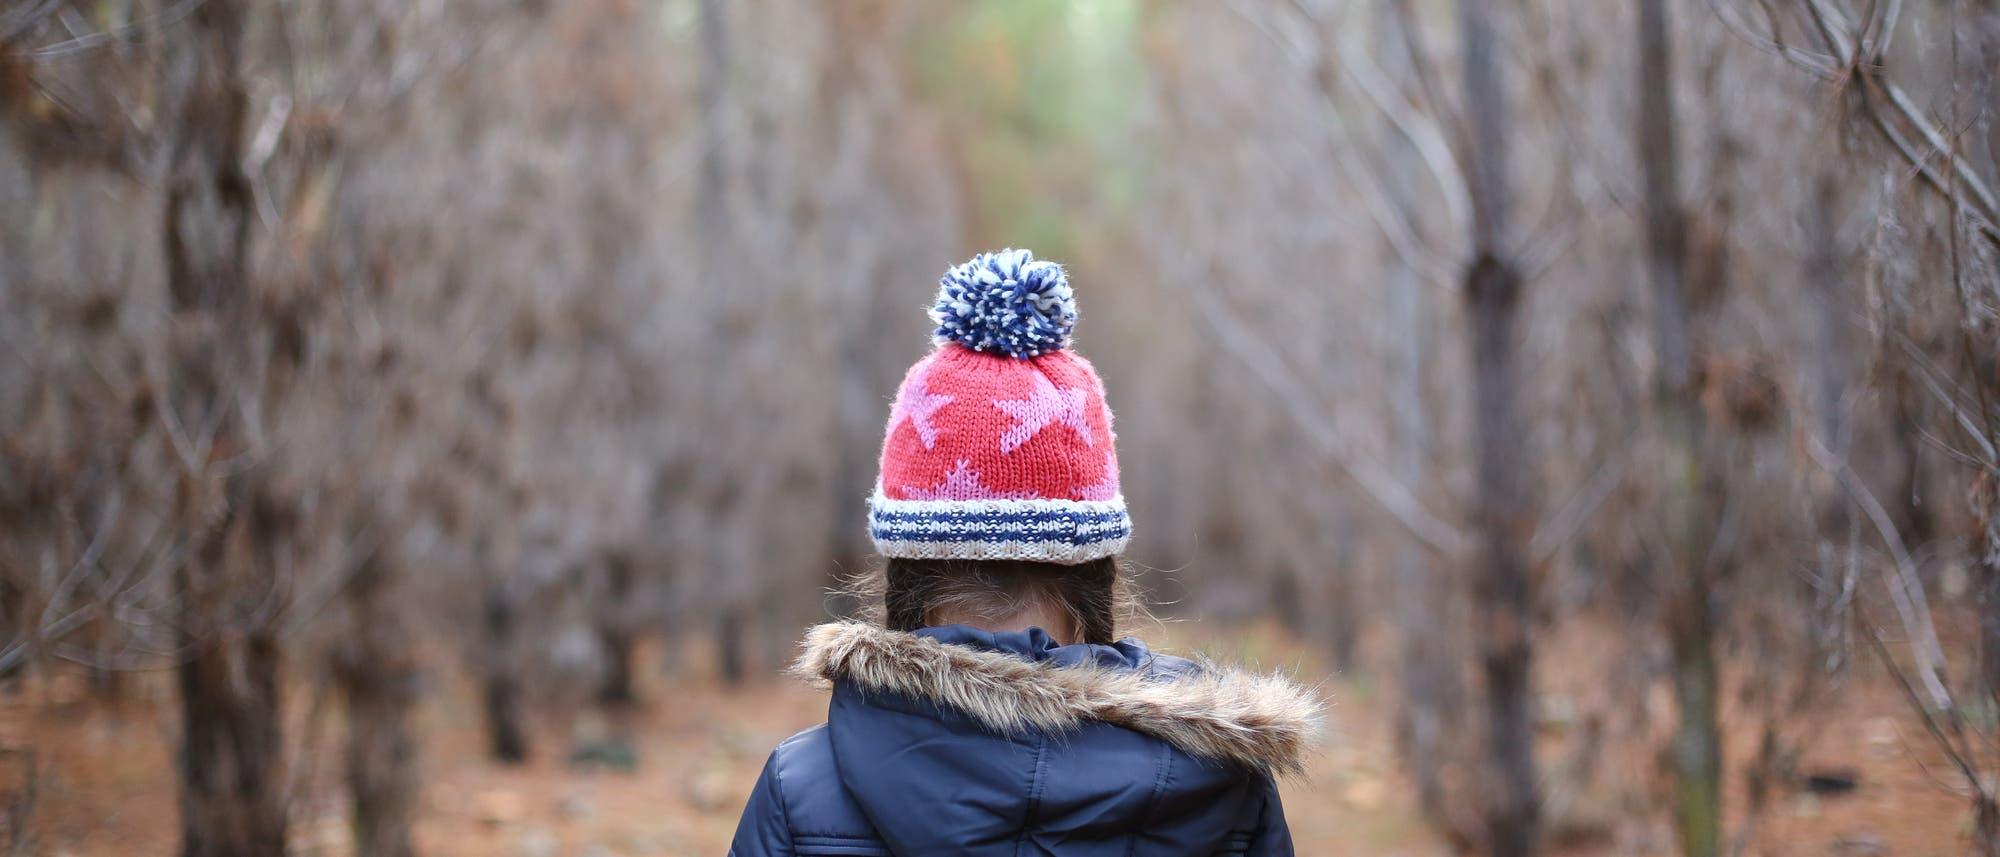 Dieses Jahr erinnert nichts an den Winter, wie man ihn kannte: kaum Schnee, kaum Frost, kaum Frösteln.